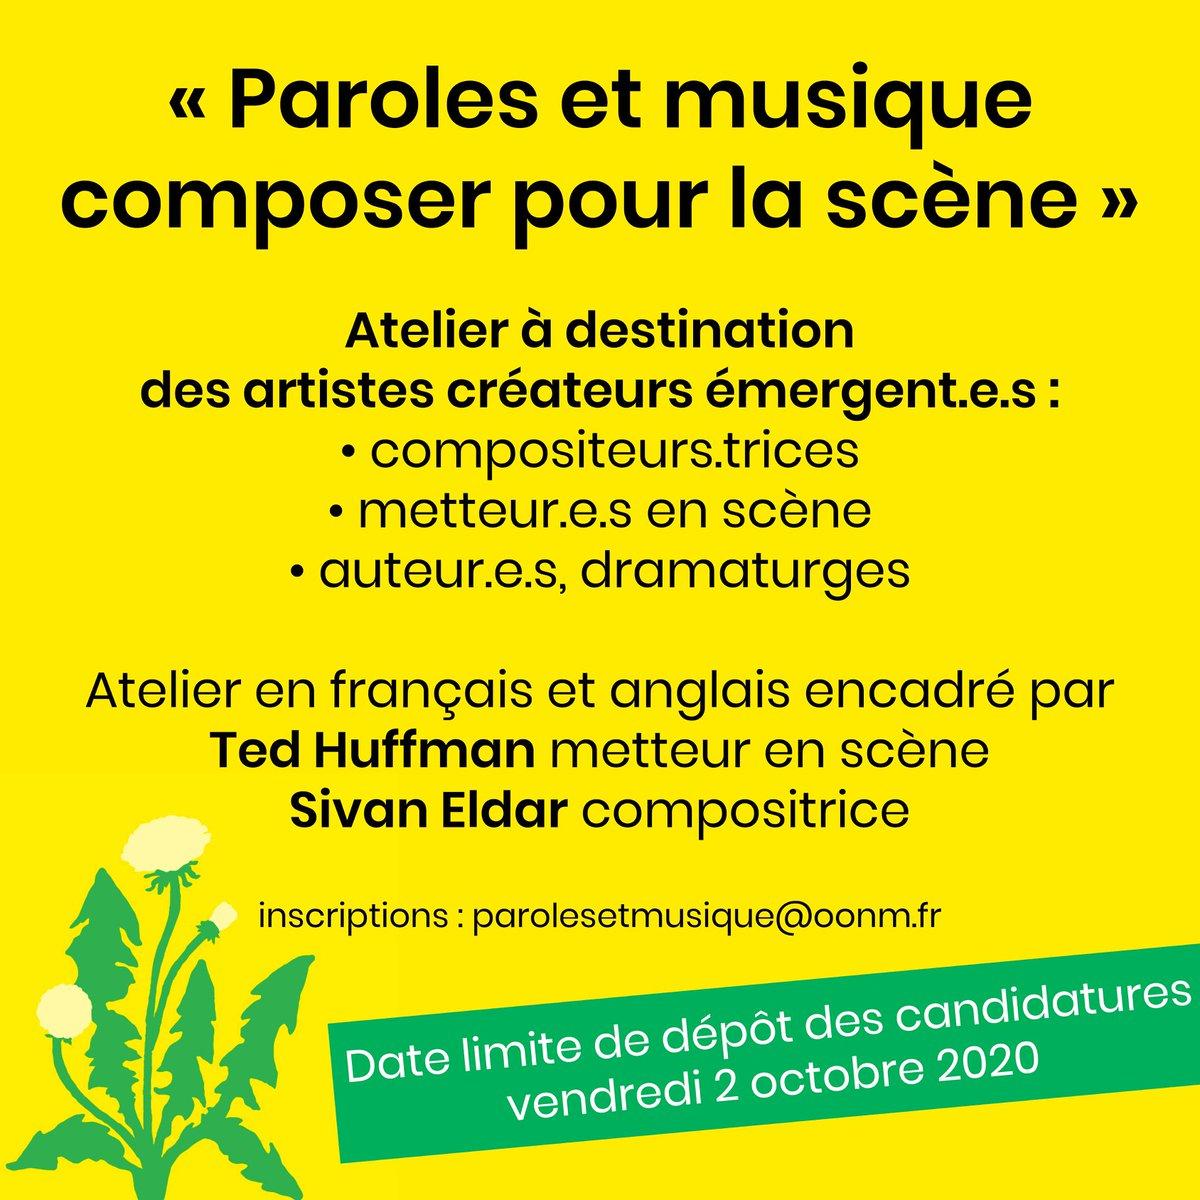 """📣 APPEL À CANDIDATURES ARTISTES ÉMERGENTS """"Paroles et Musique : composer pour la scène"""", un nouvel atelier @OONMLR pour les artistes émergents, encadré par nos artistes en résidence : @SivanEldar, compositrice, et @tdhffmn, auteur et metteur en scène. ℹ️ https://t.co/8MGExedtvu https://t.co/9WxWrHlZcz"""